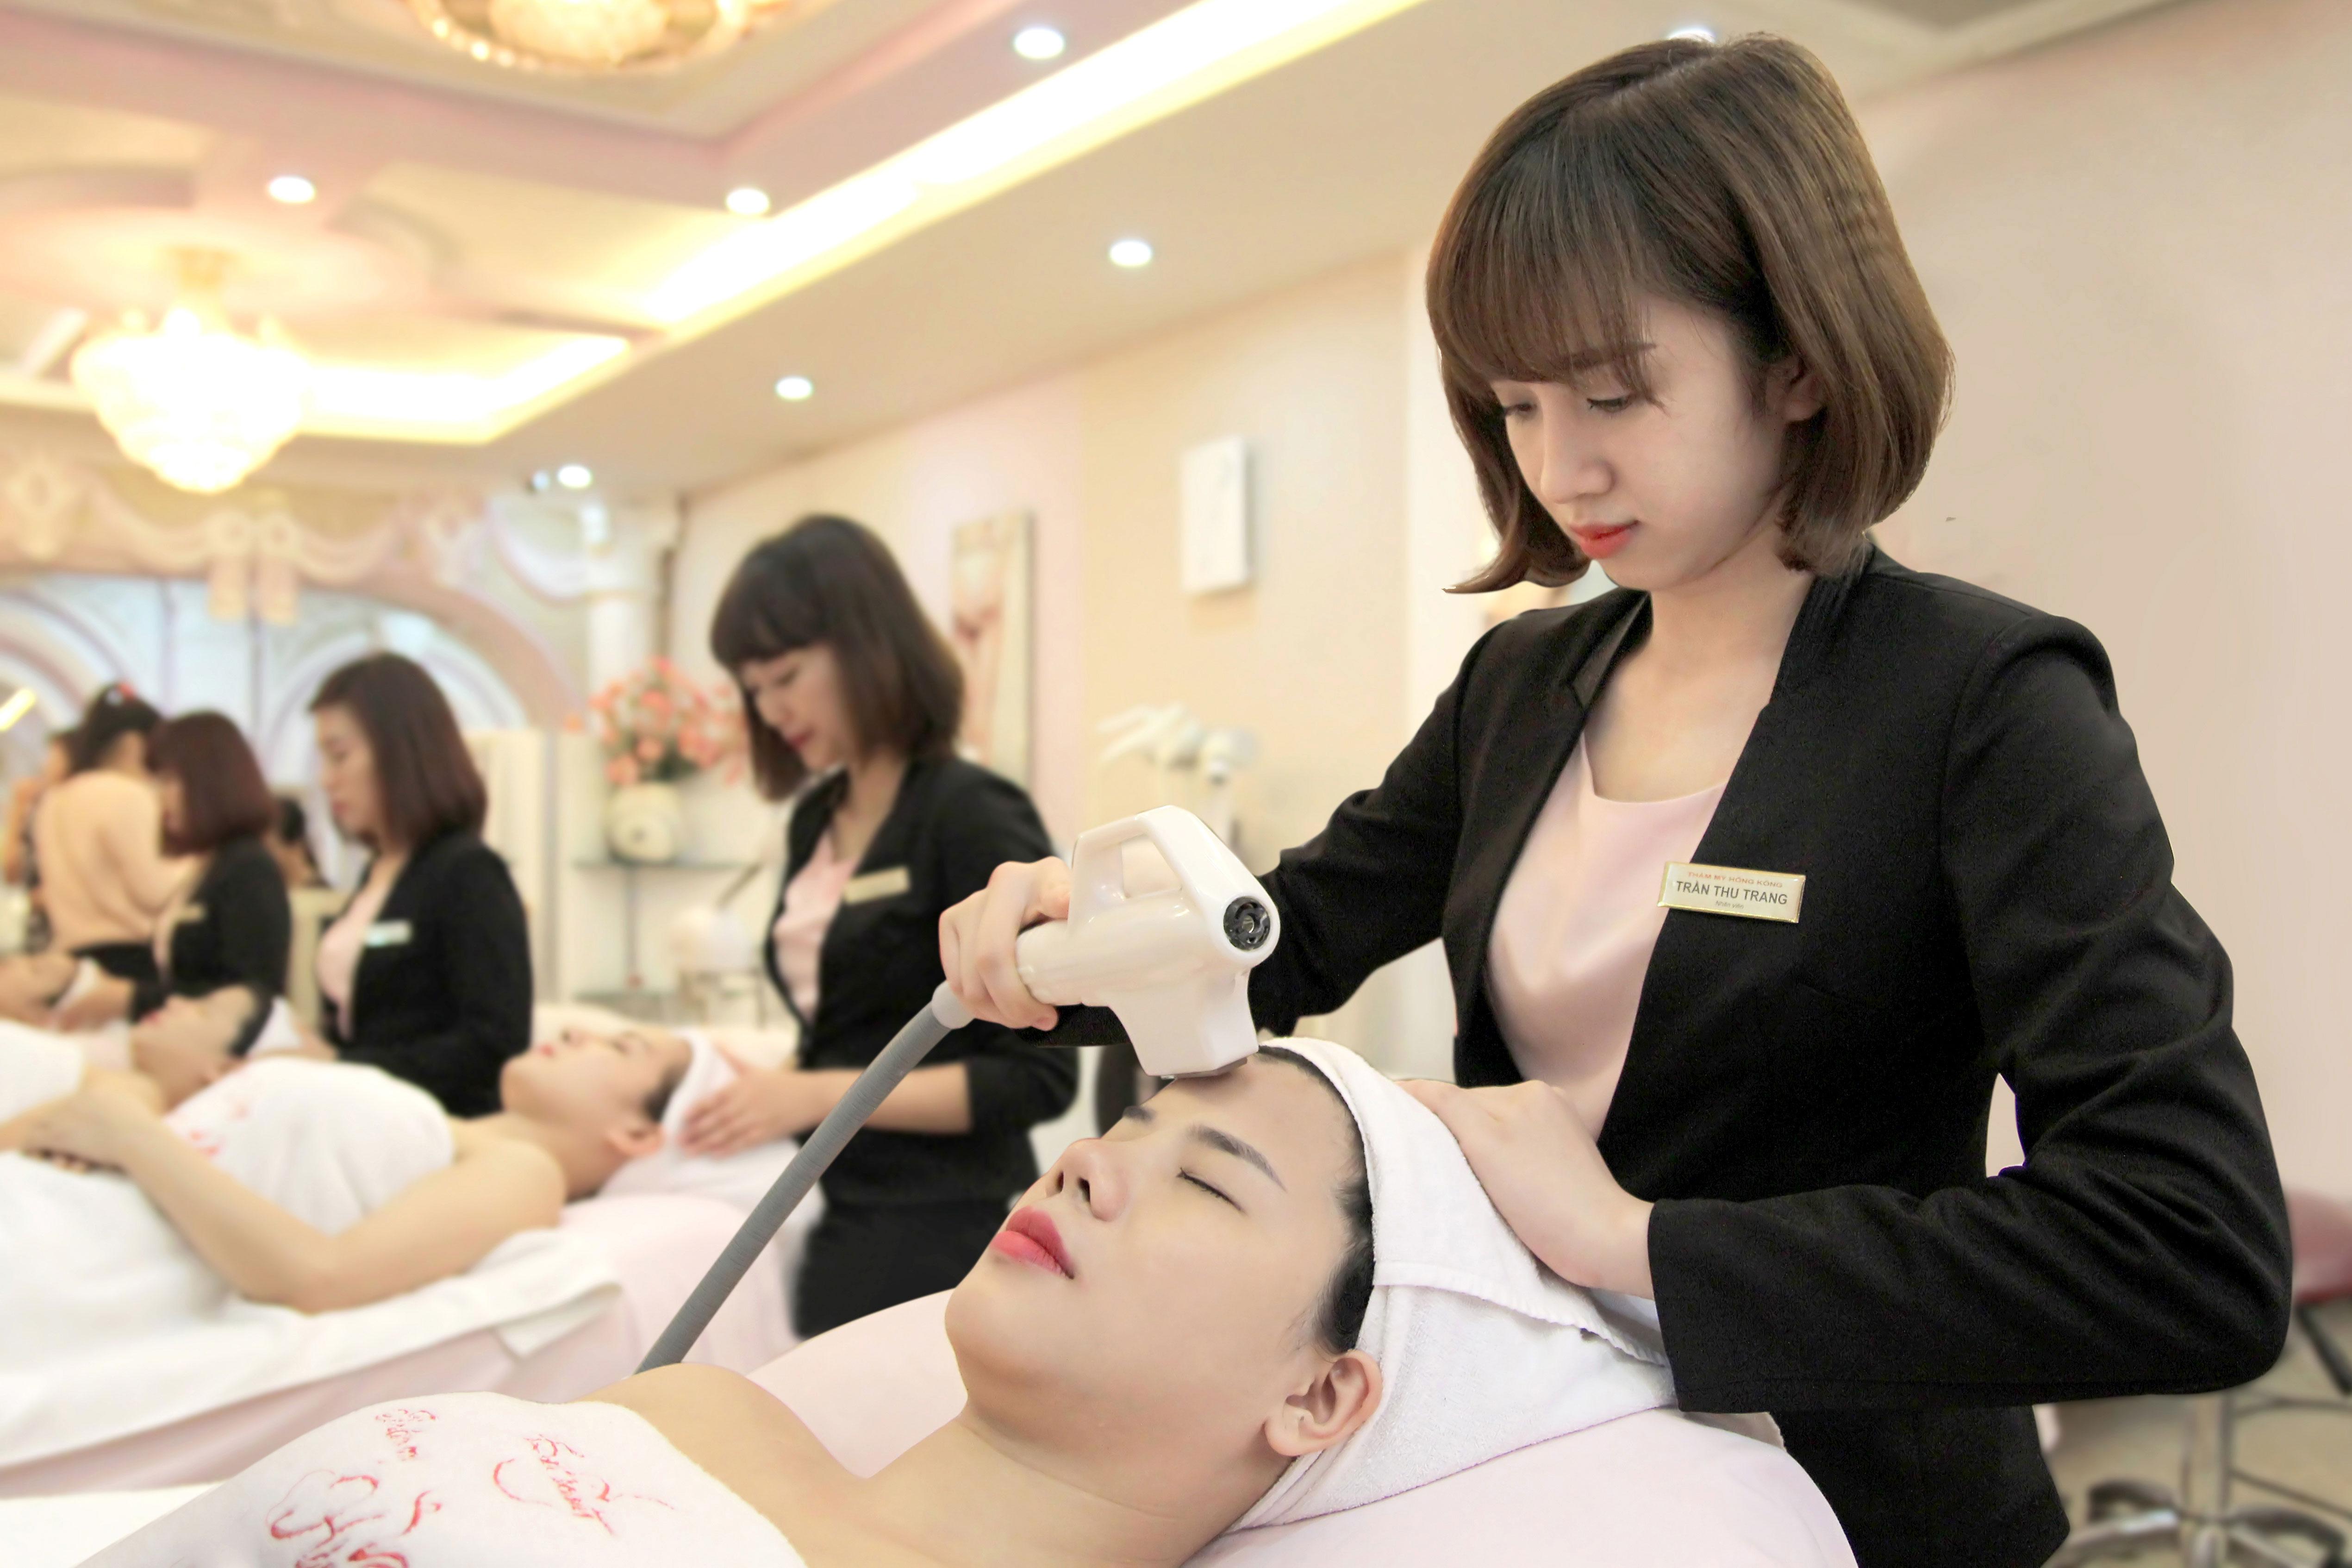 Dịch vụ chăm sóc da mặt bằng công nghệ cao được nhiều chị em lựa chọn